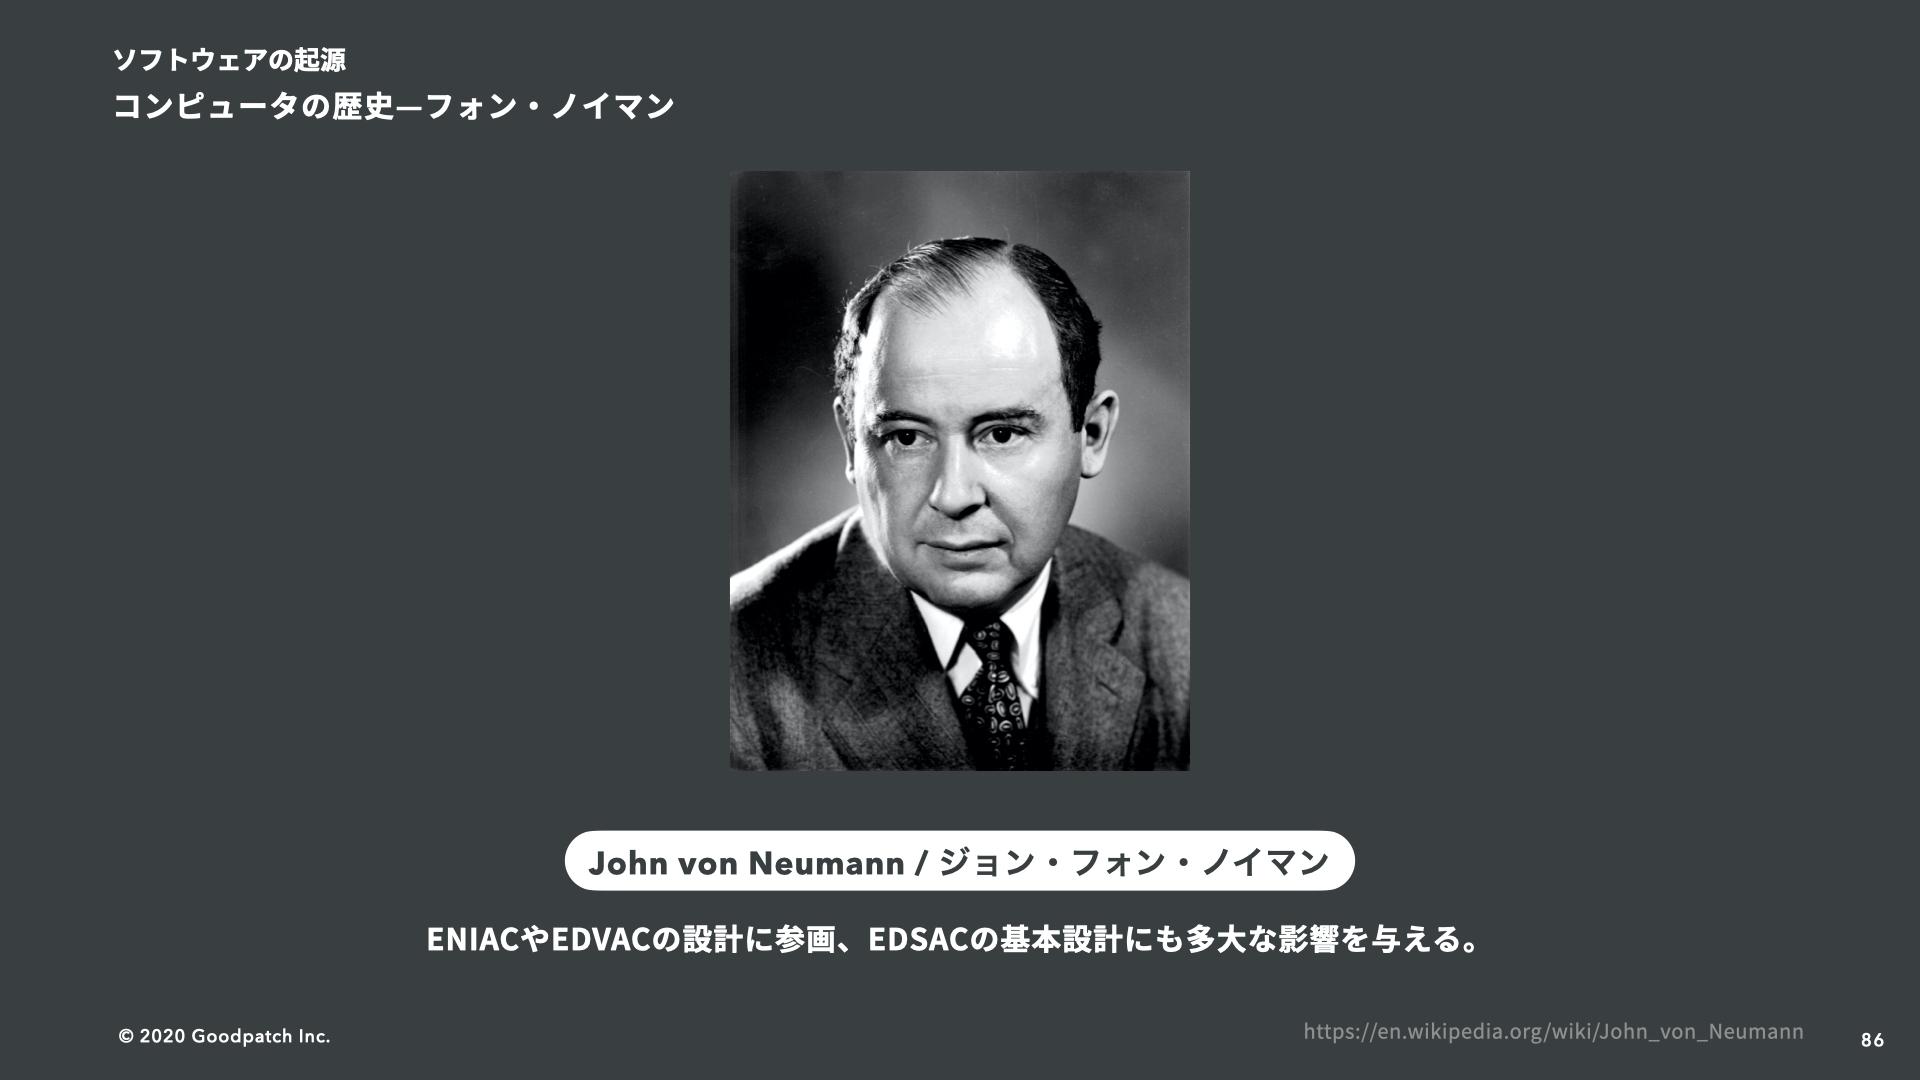 ジョン・フォン・ノイマン